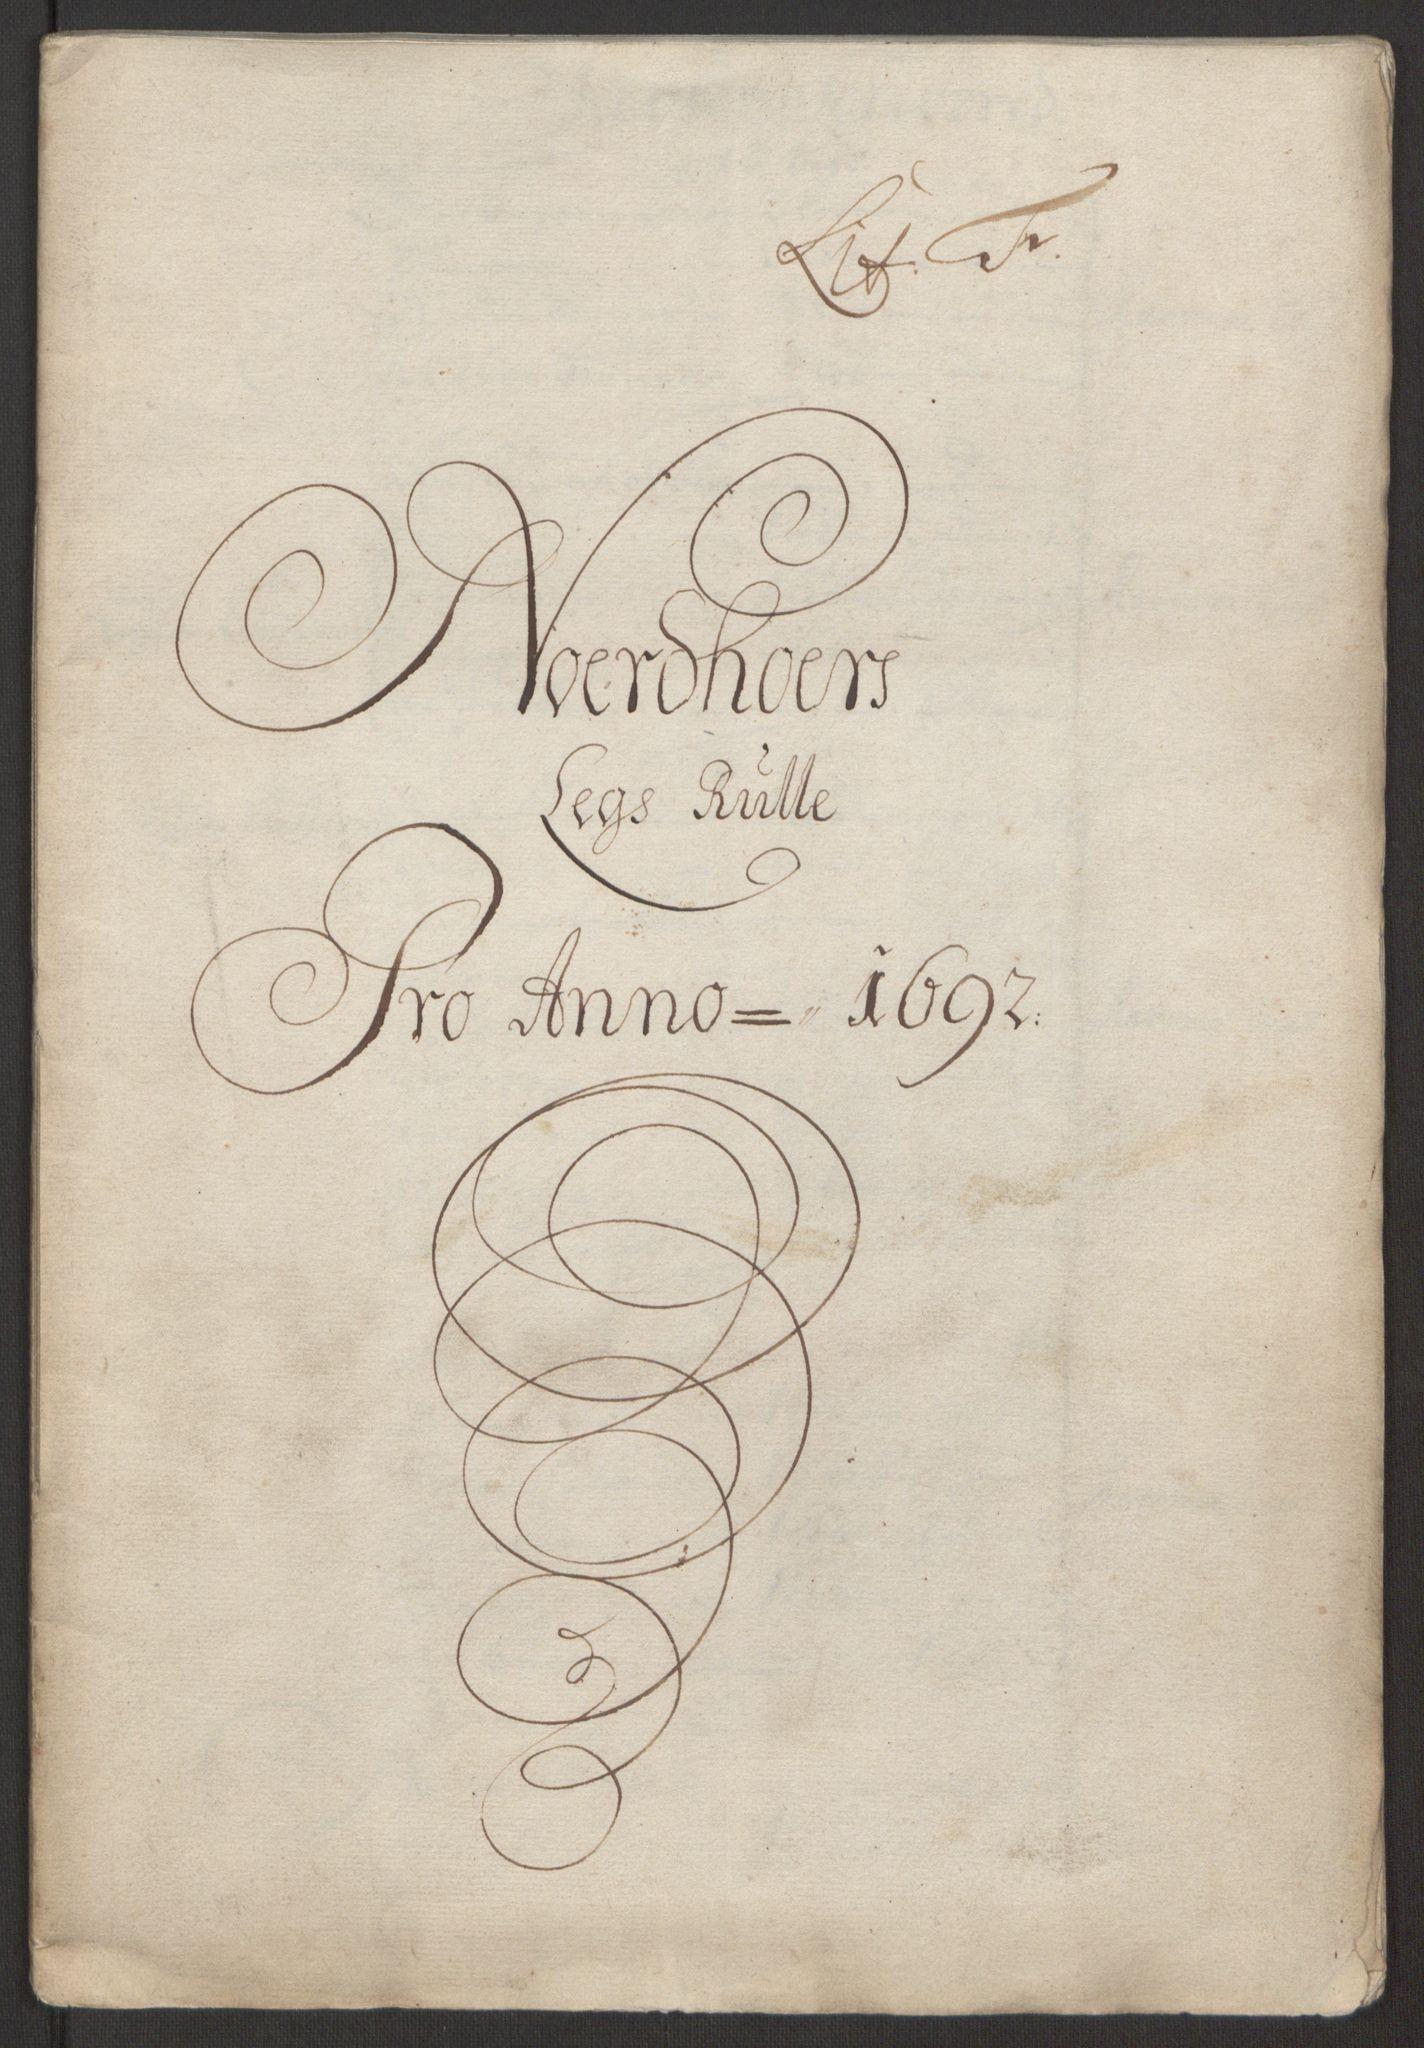 RA, Rentekammeret inntil 1814, Reviderte regnskaper, Fogderegnskap, R51/L3181: Fogderegnskap Nordhordland og Voss, 1691-1692, s. 324